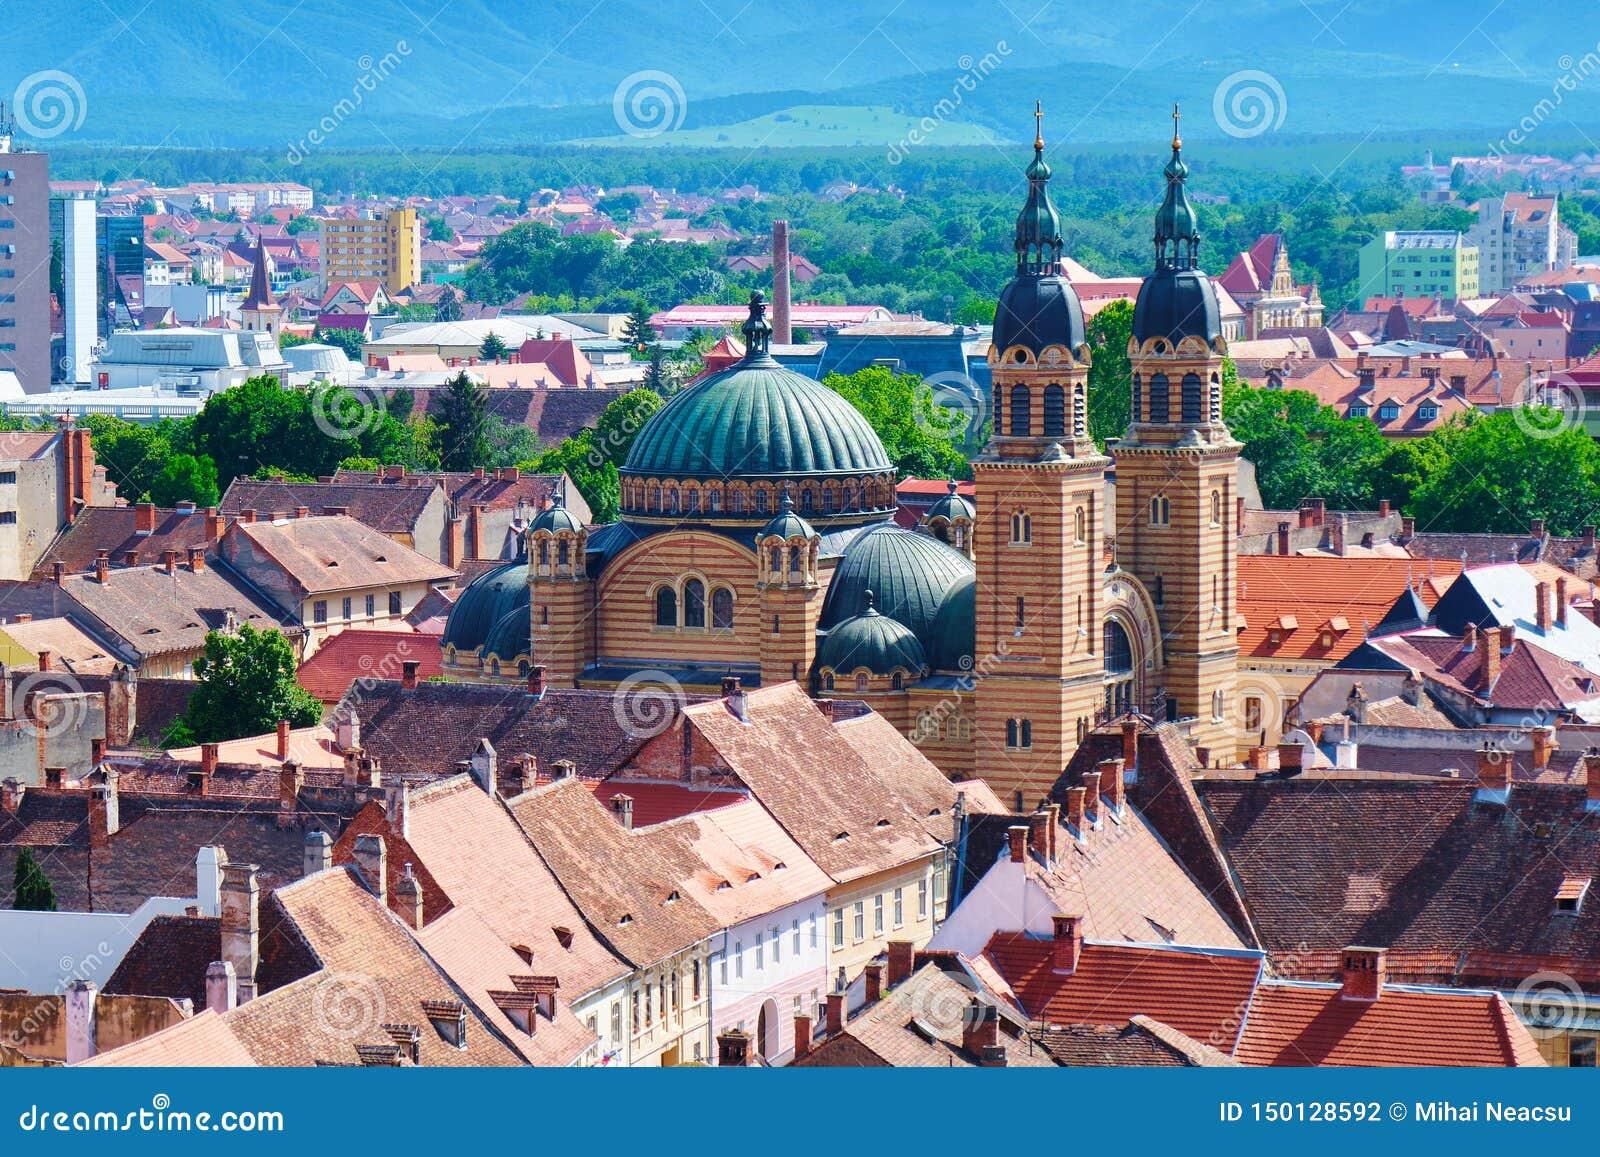 Εναέρια άποψη του βυζαντινού ύφους καθεδρικού ναού Catedrala Sfanta Treime DIN Sibiu τριάδας βασιλικών ιερού στο φωτεινό φως της